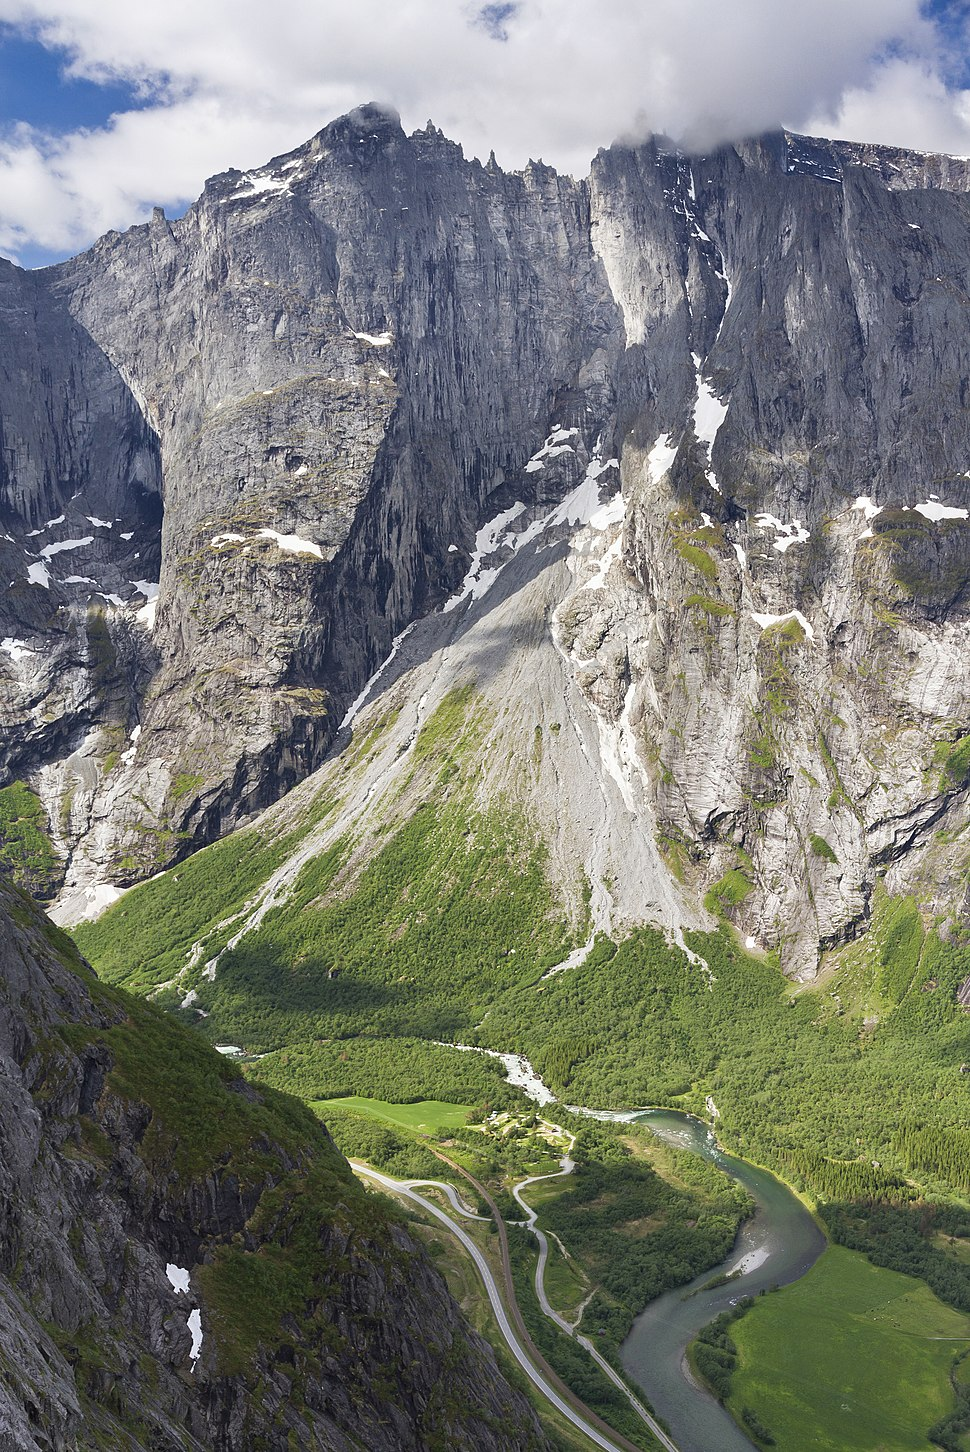 Trollryggen and Trollveggen from Litlefjellet, 2013 June